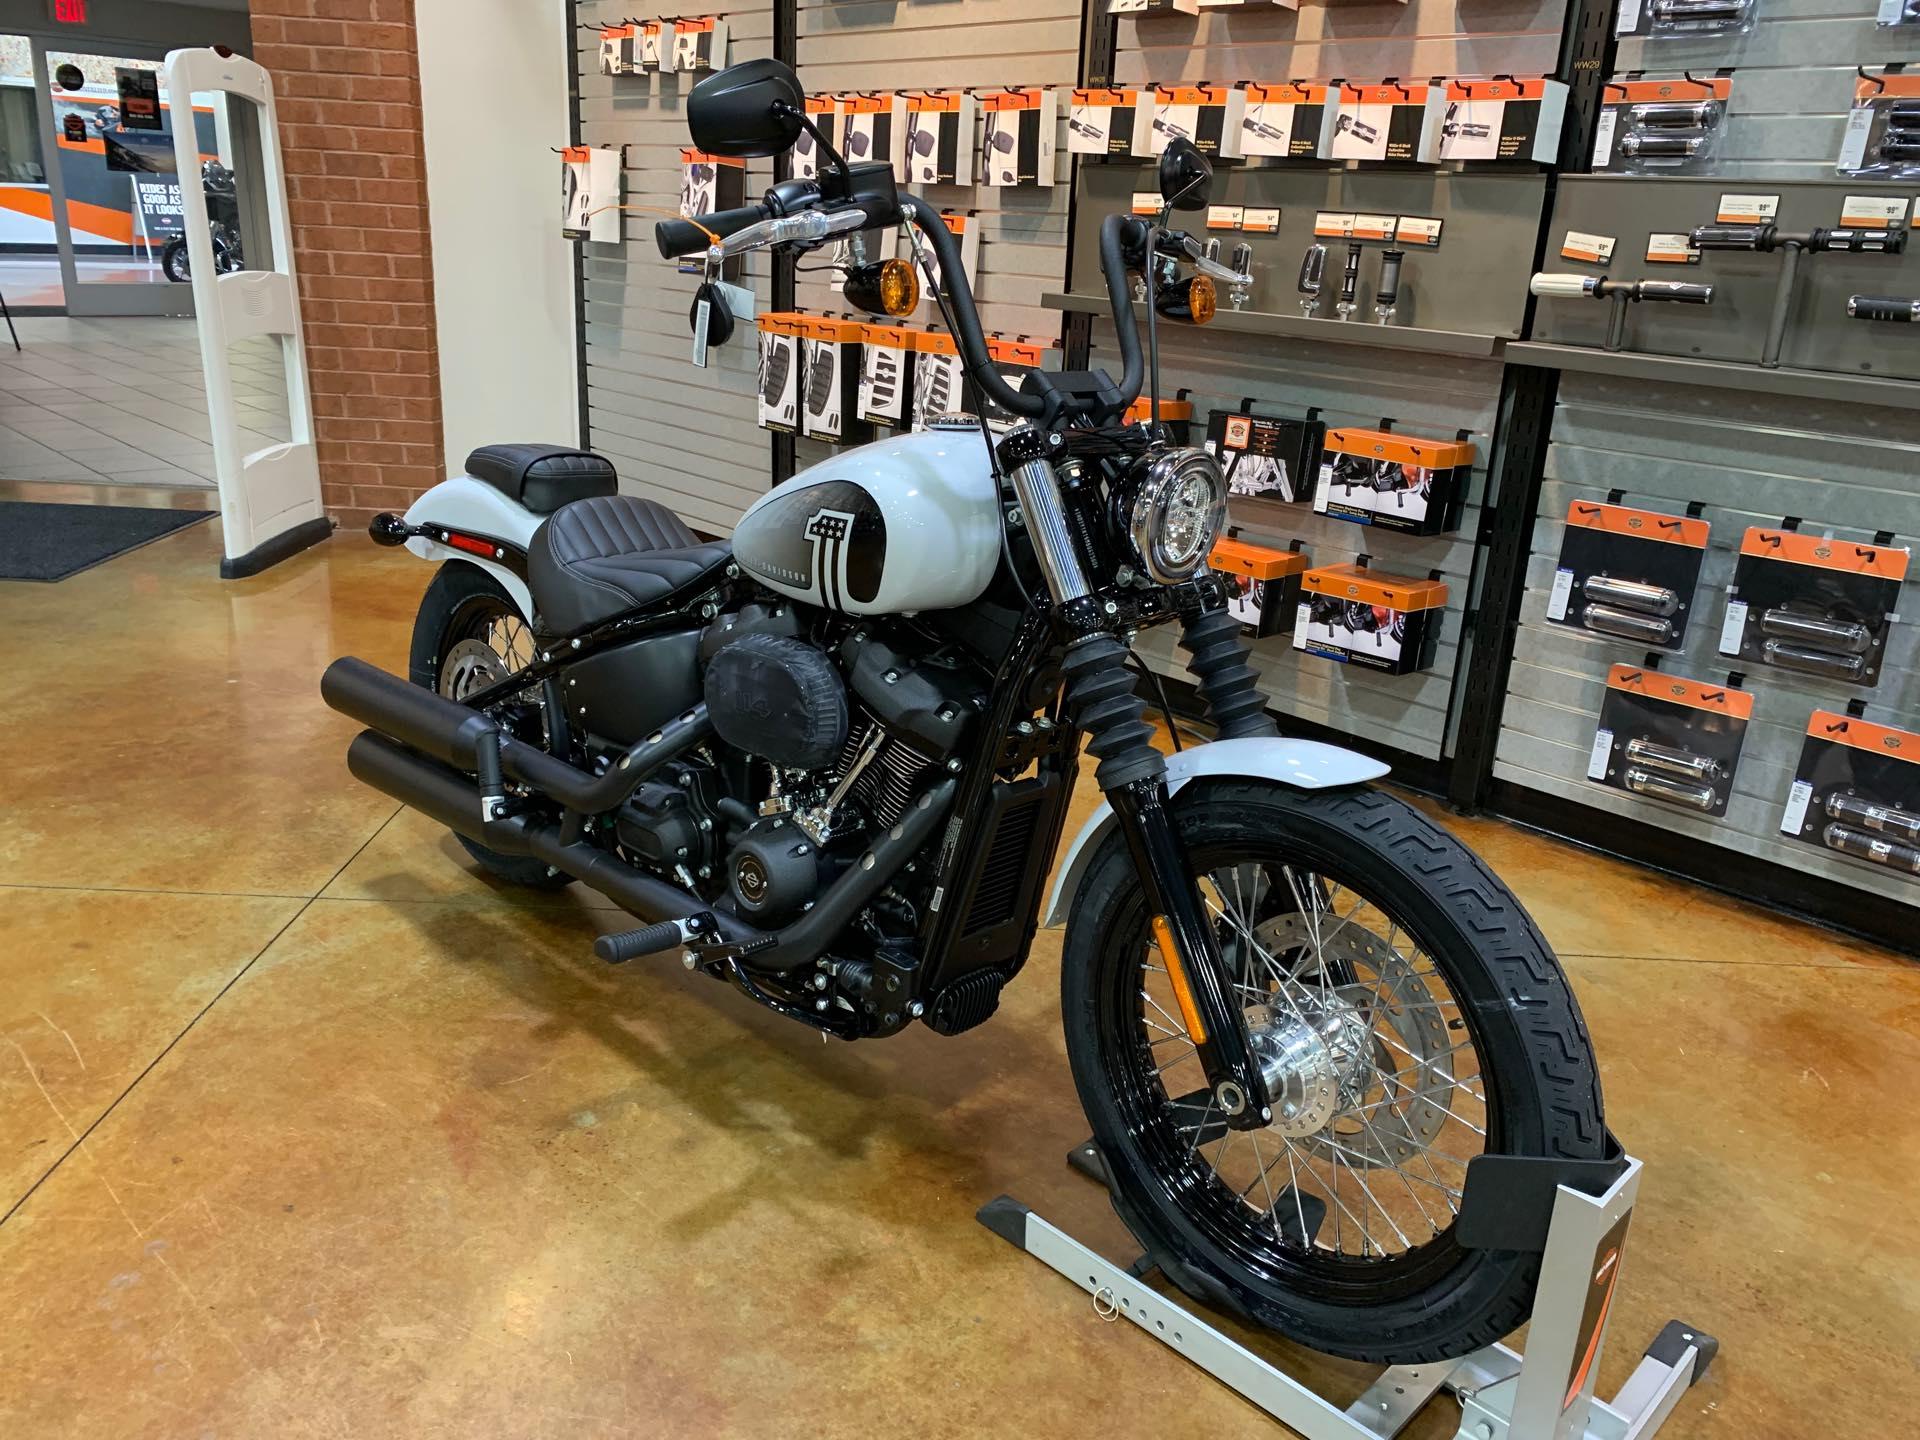 2021 Harley-Davidson Cruiser Street Bob 114 at Colonial Harley-Davidson